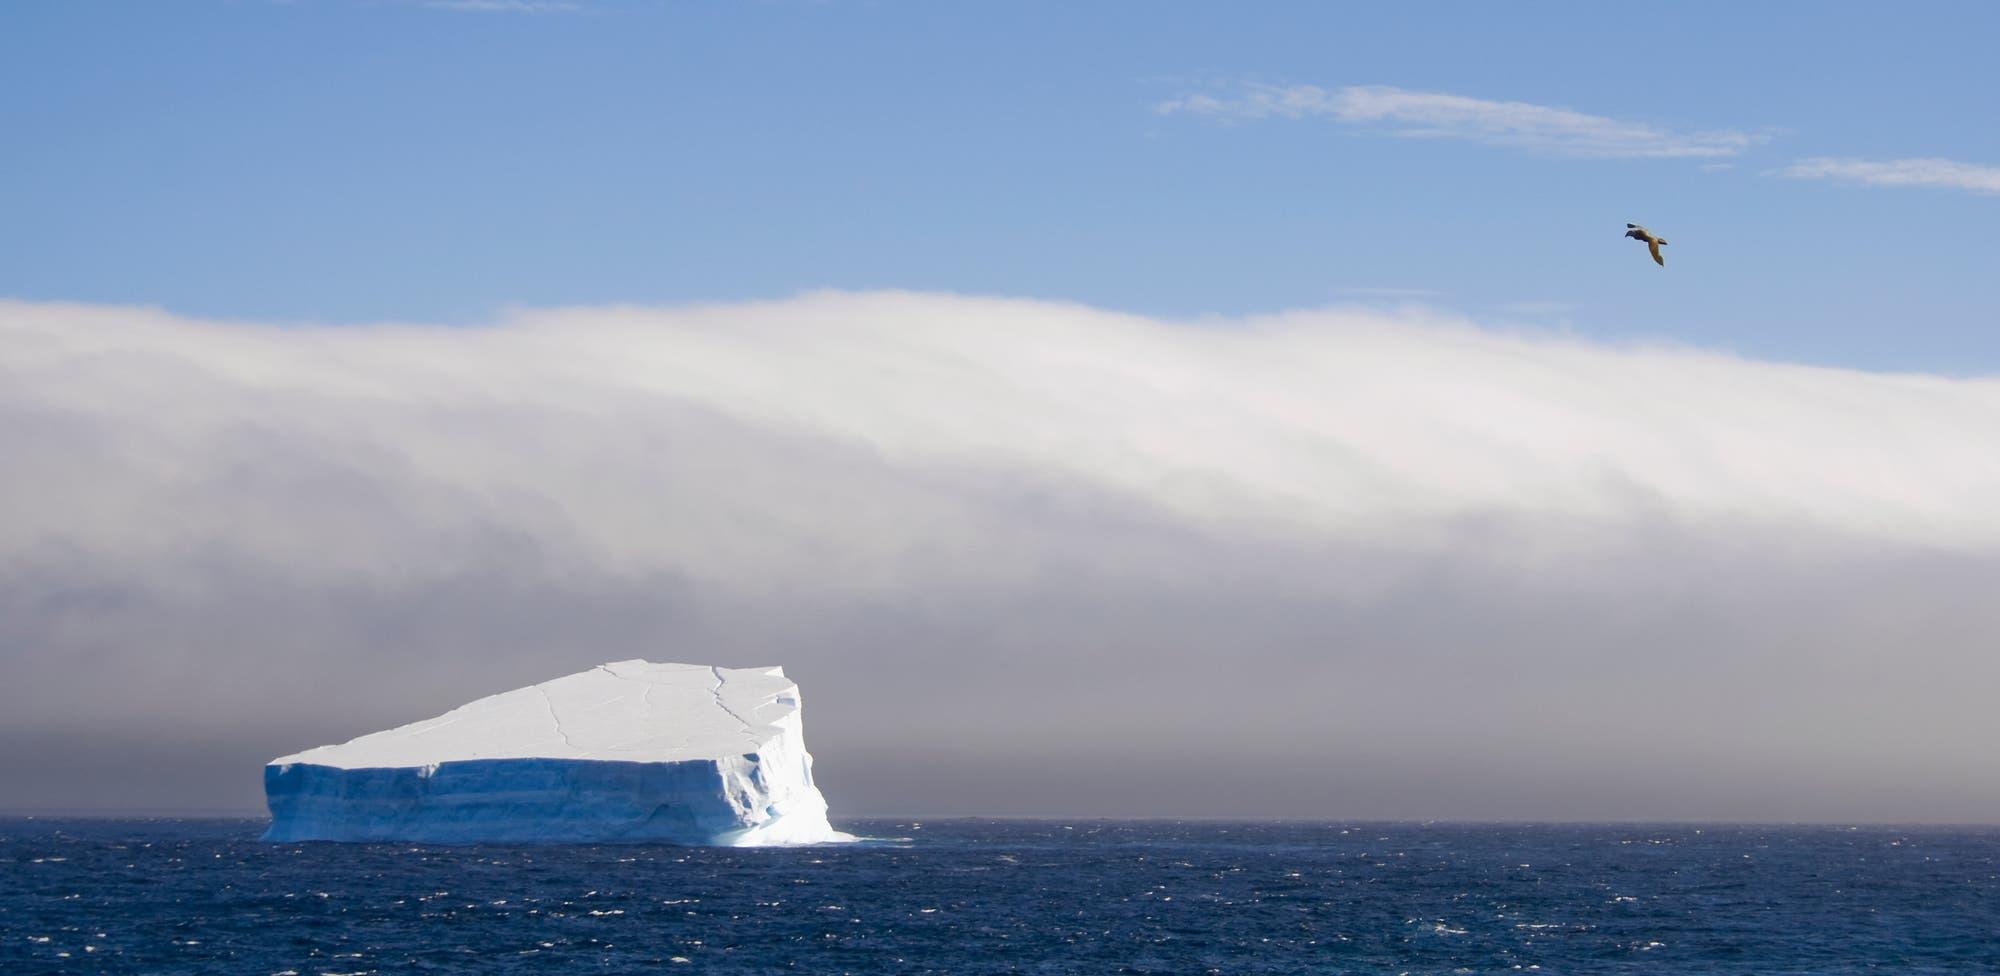 Eisberg vor Sturmfront